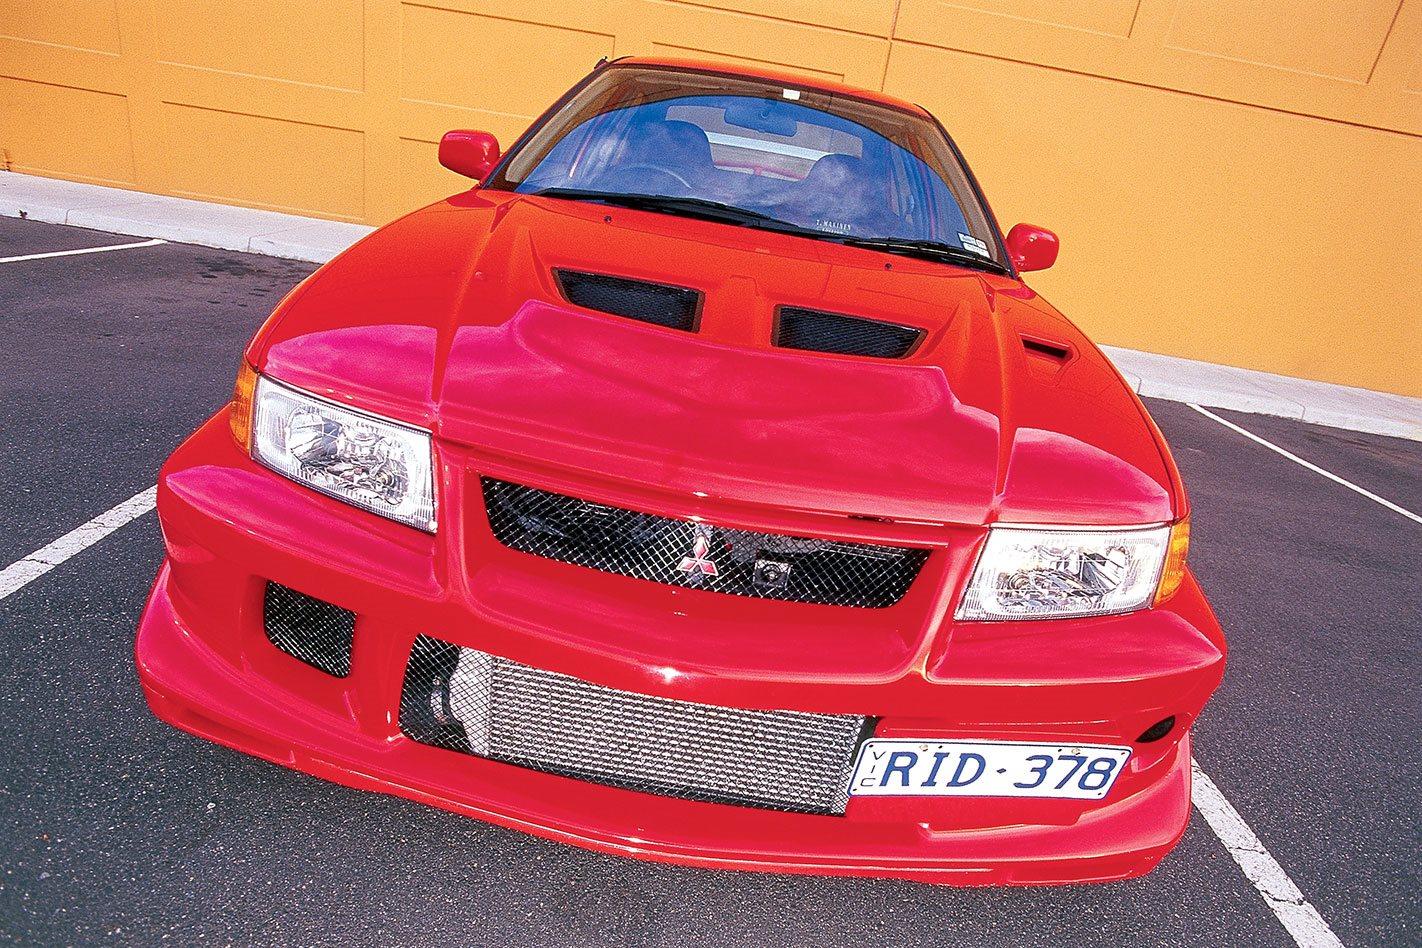 2008 Mitsubishi Evolution X vs Evo VI TME vs Evo IX on track